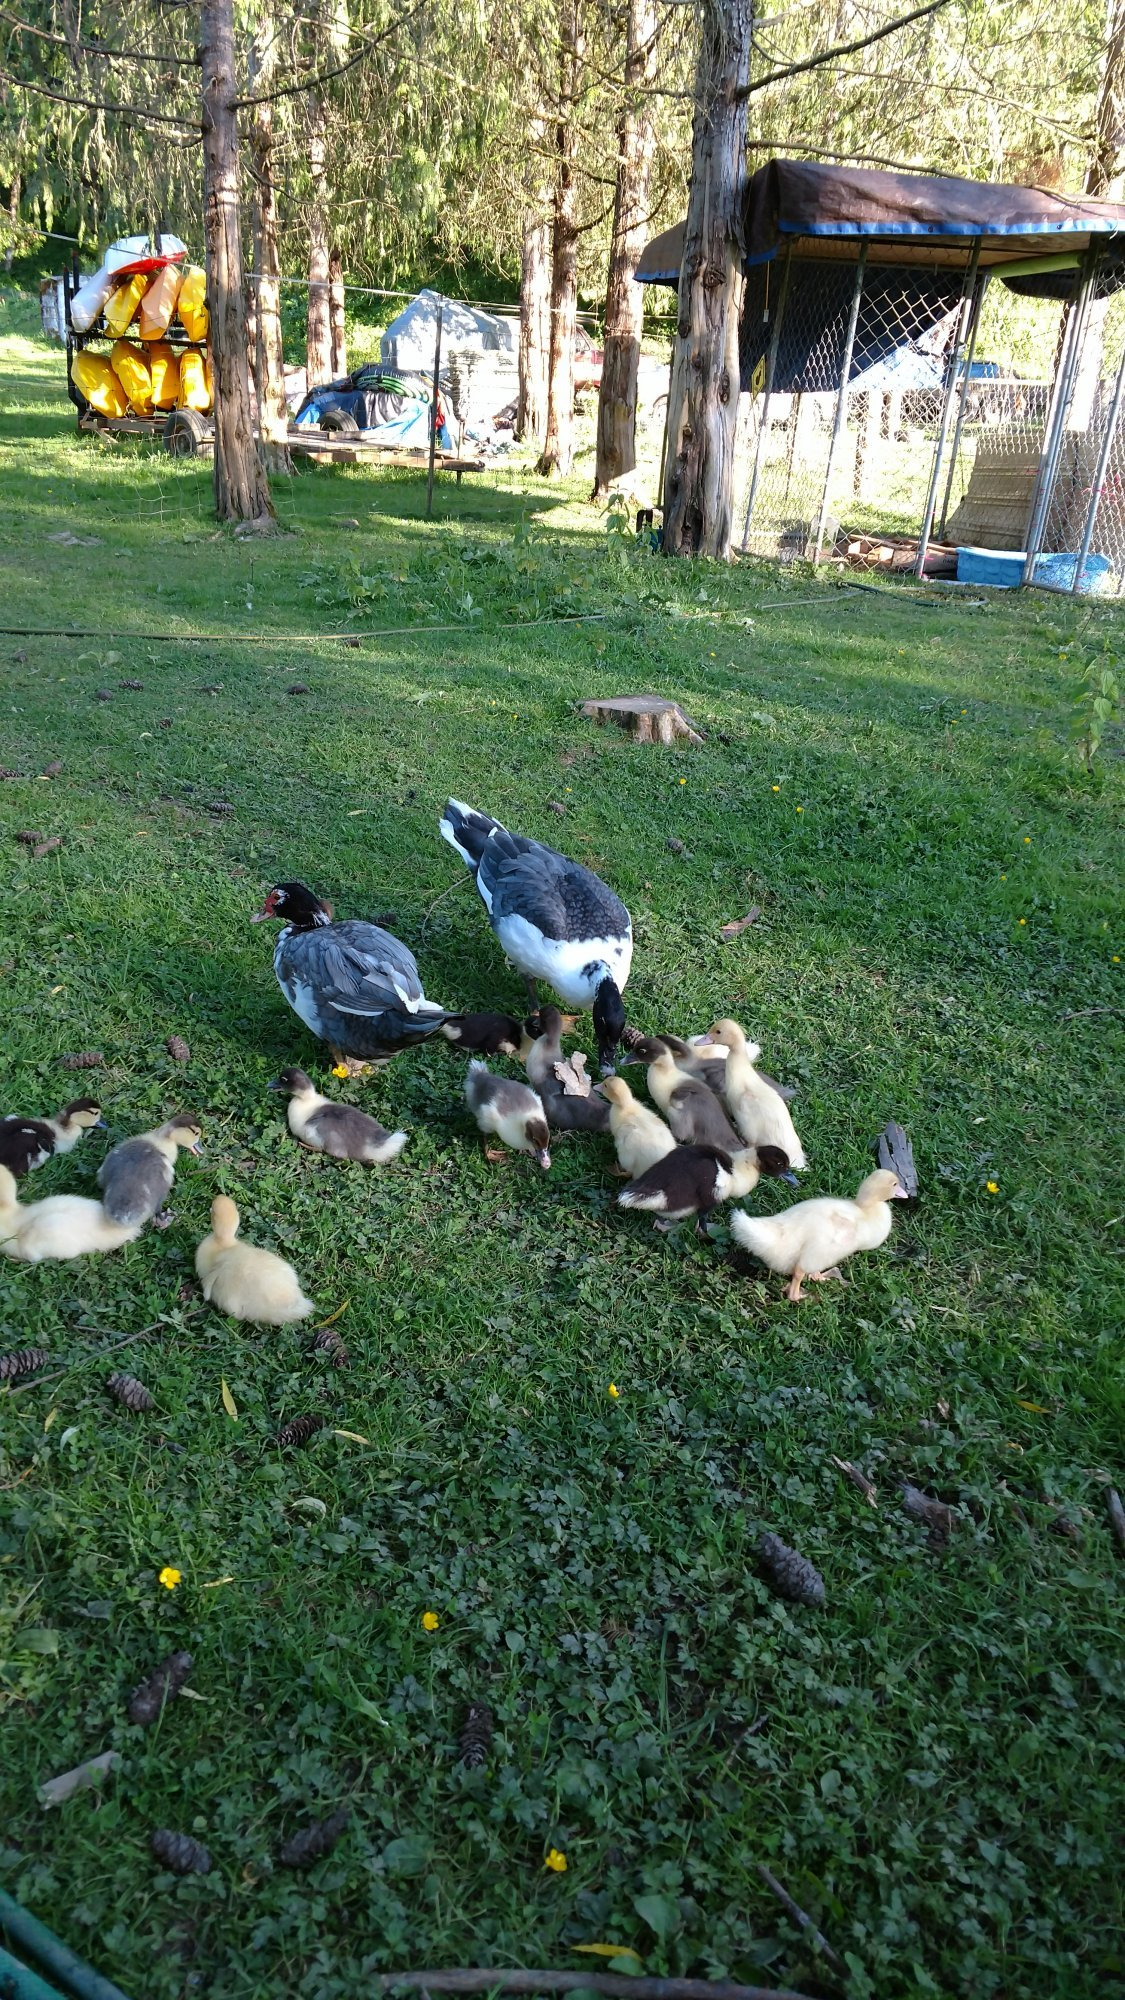 duckpic2.jpg